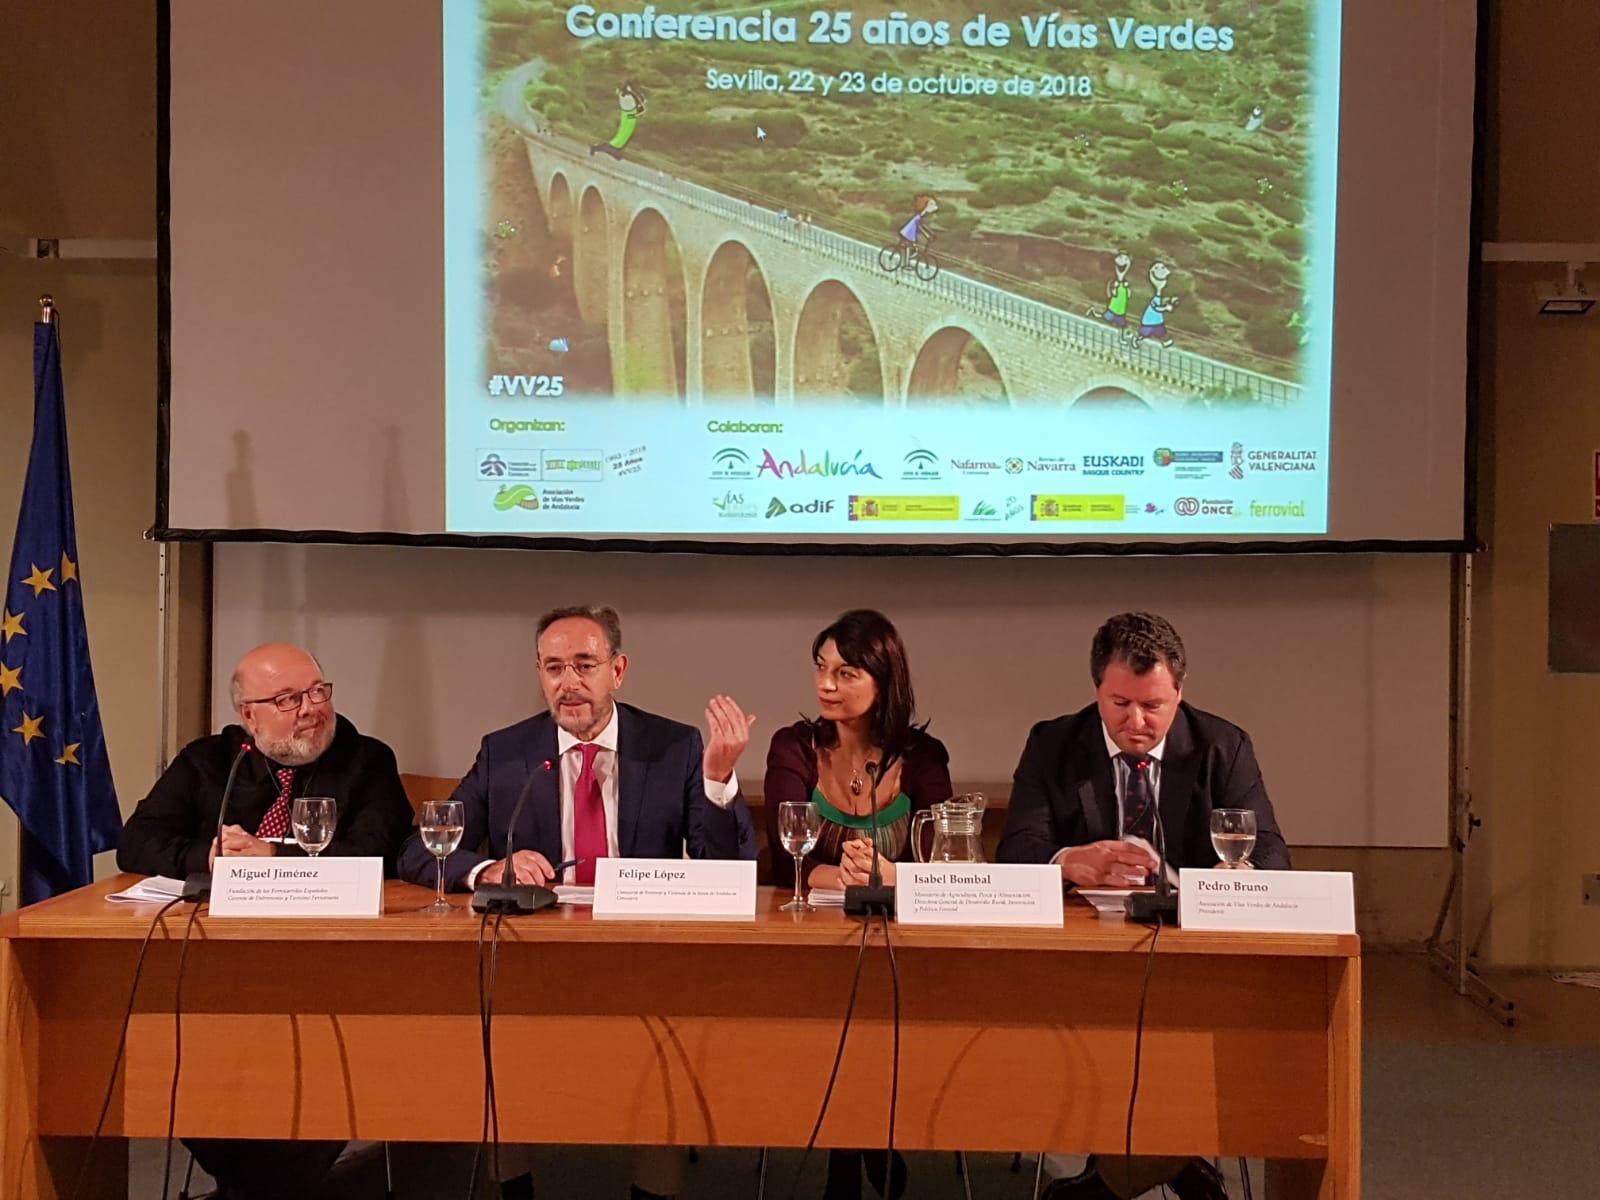 El consejero, Felipe López, ha inaugurado la jornada celebrada con motivo del los 25 años de la creación del primer programa español de Vías Verdes